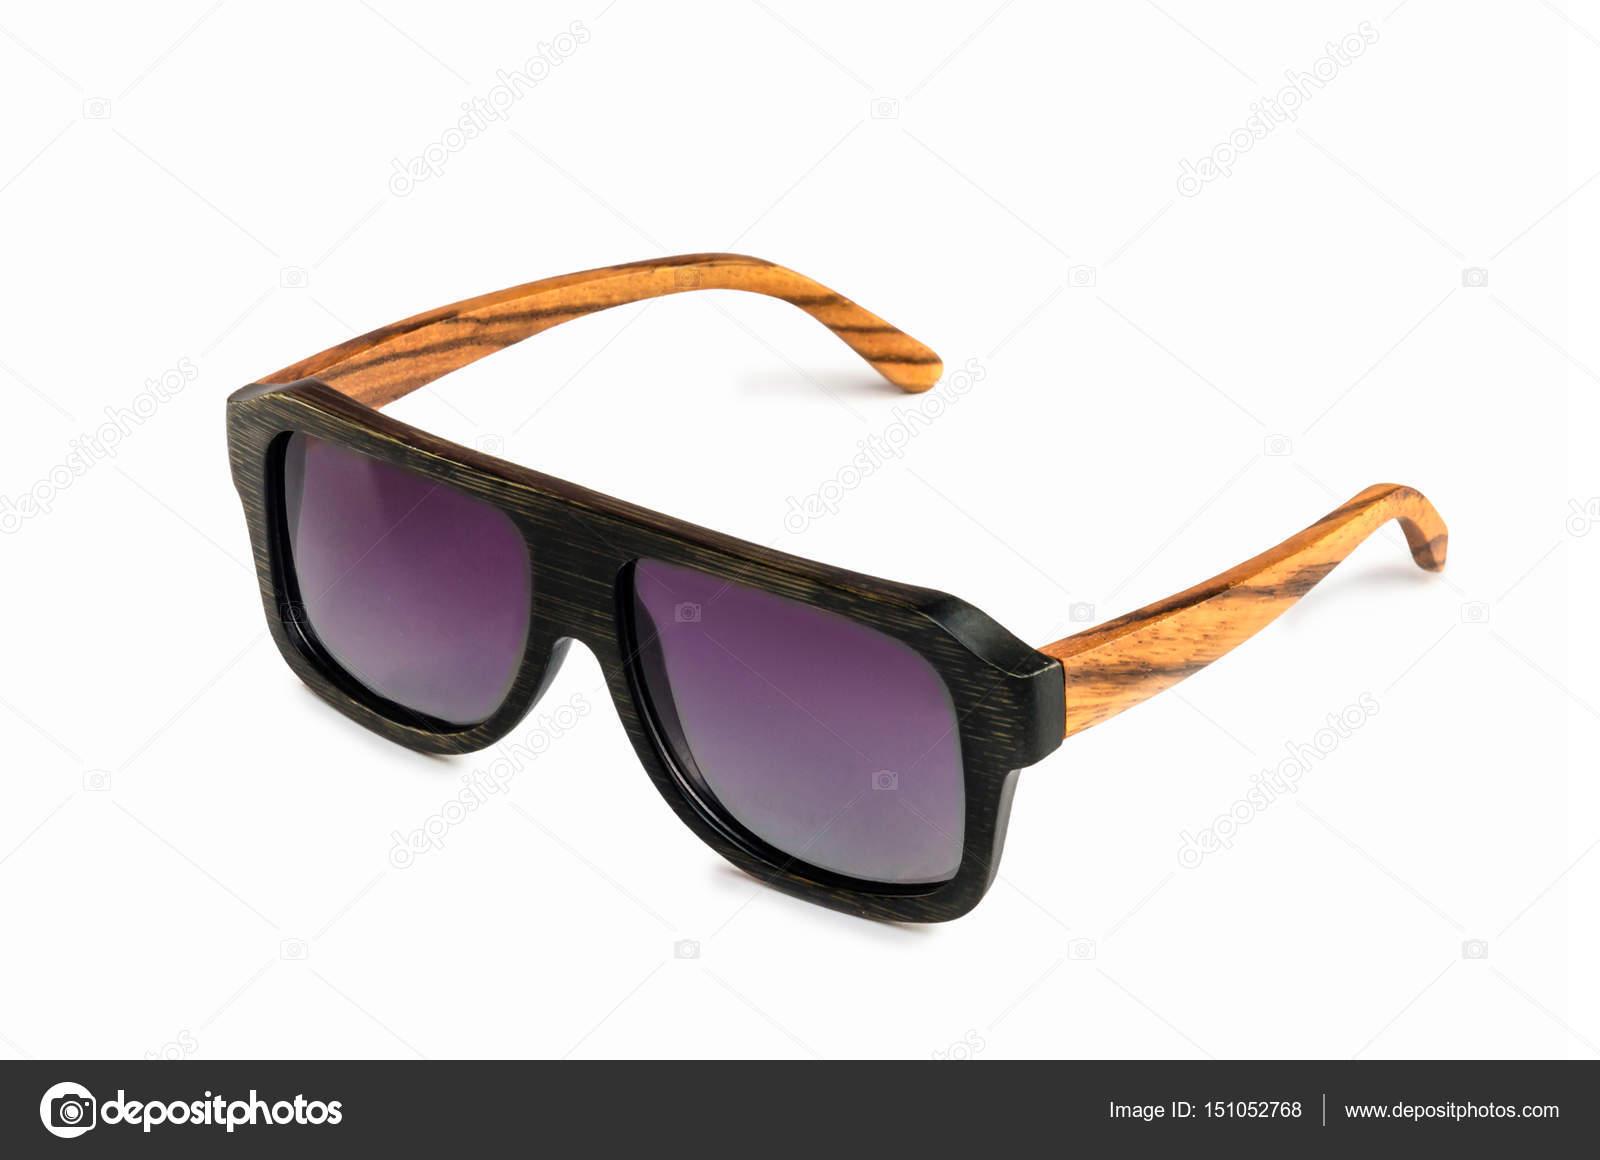 9ccf6e5e27 Gafas de sol solar bambú (madera) aislados en fondo blanco con sombra —  Foto de ...